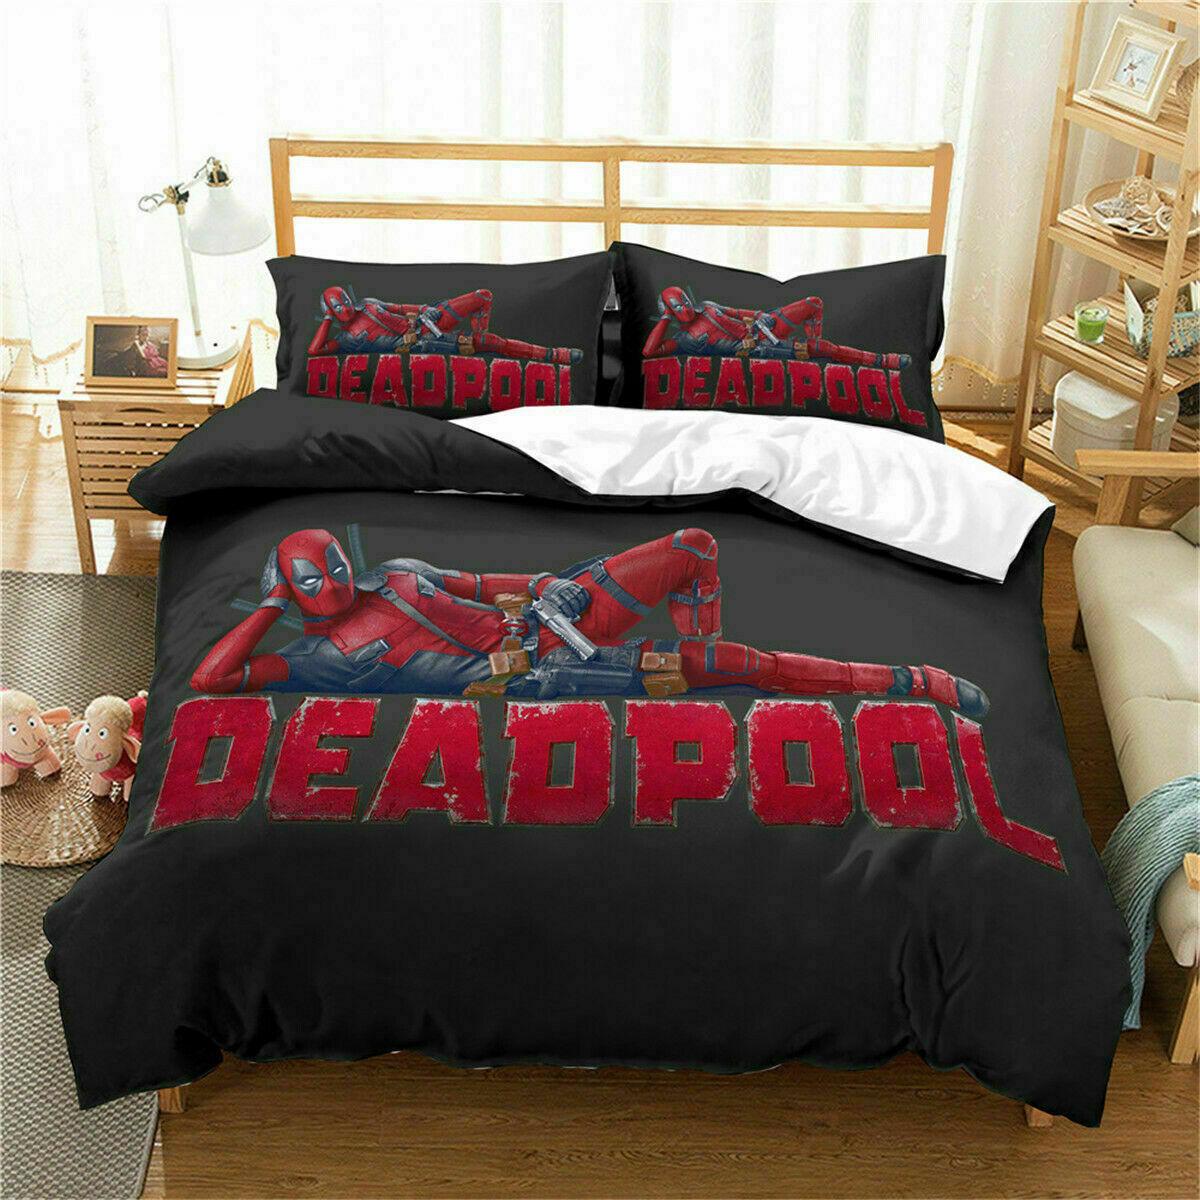 3D Deadpool Lying Down Bedding Set Duvet Cover Comforter Quilt Cover Pillowcase